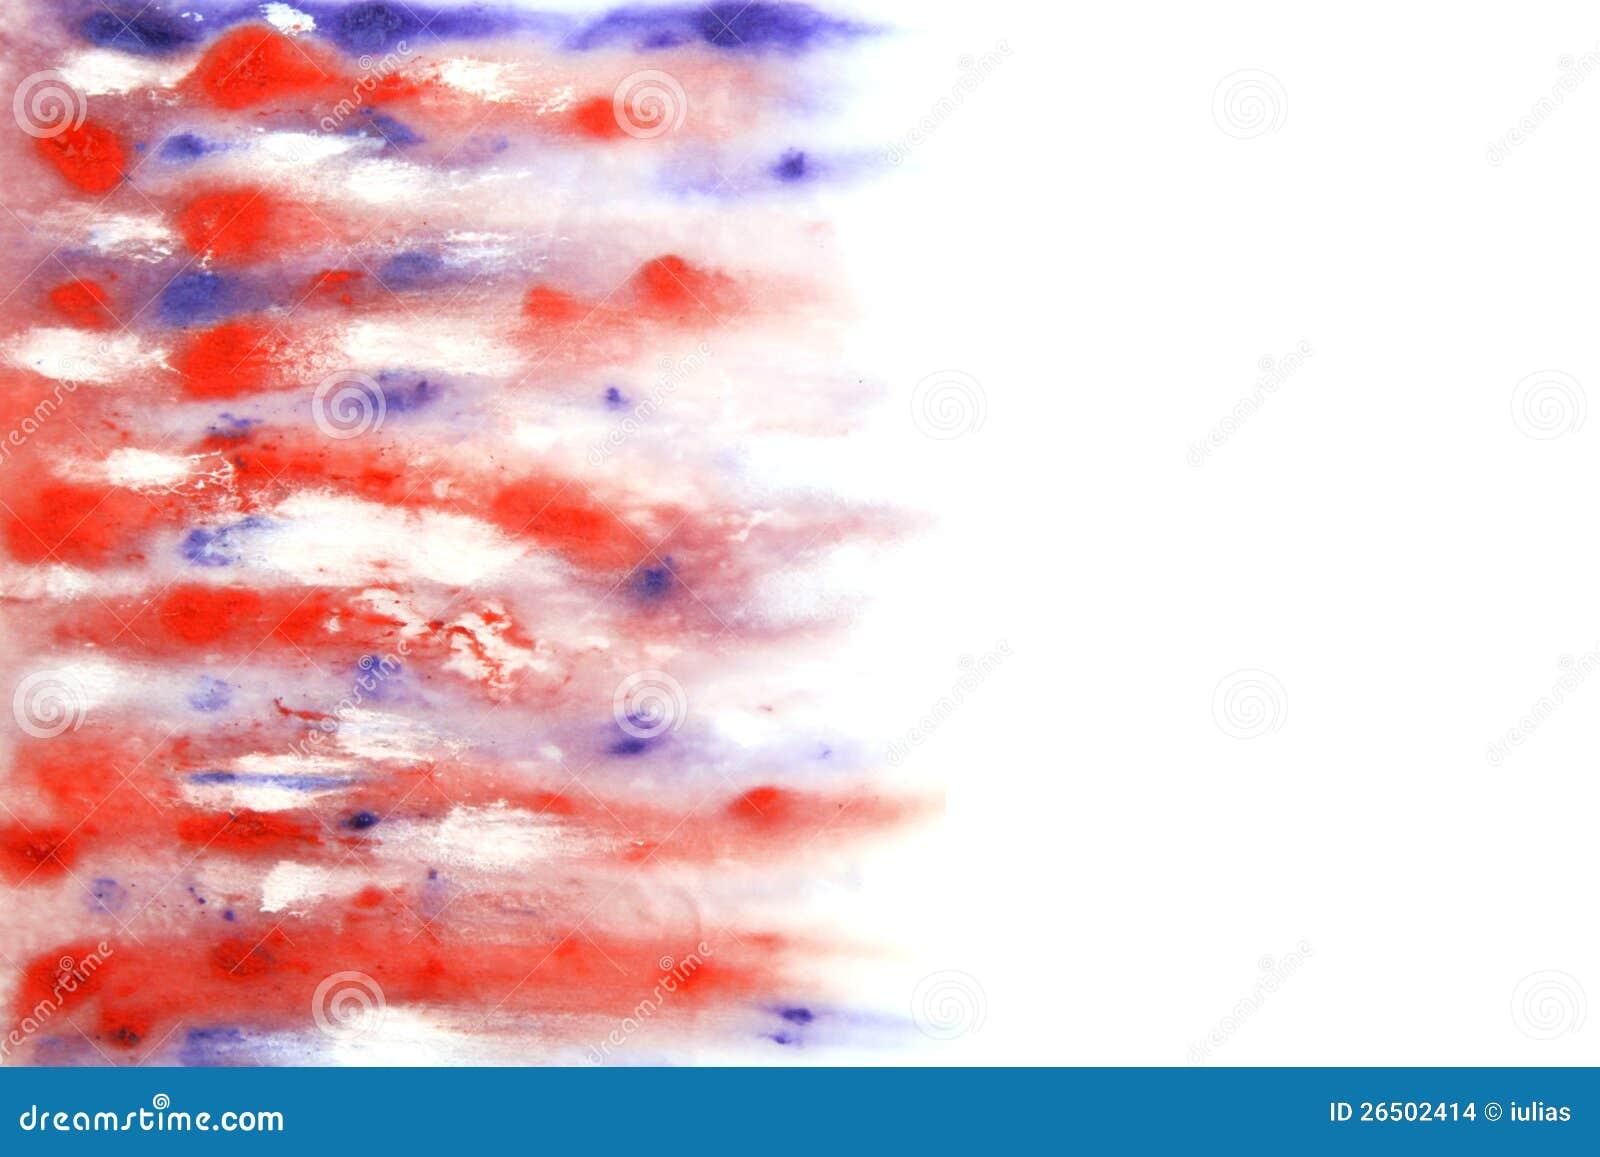 Mão abstrata fundo desenhado da aguarela